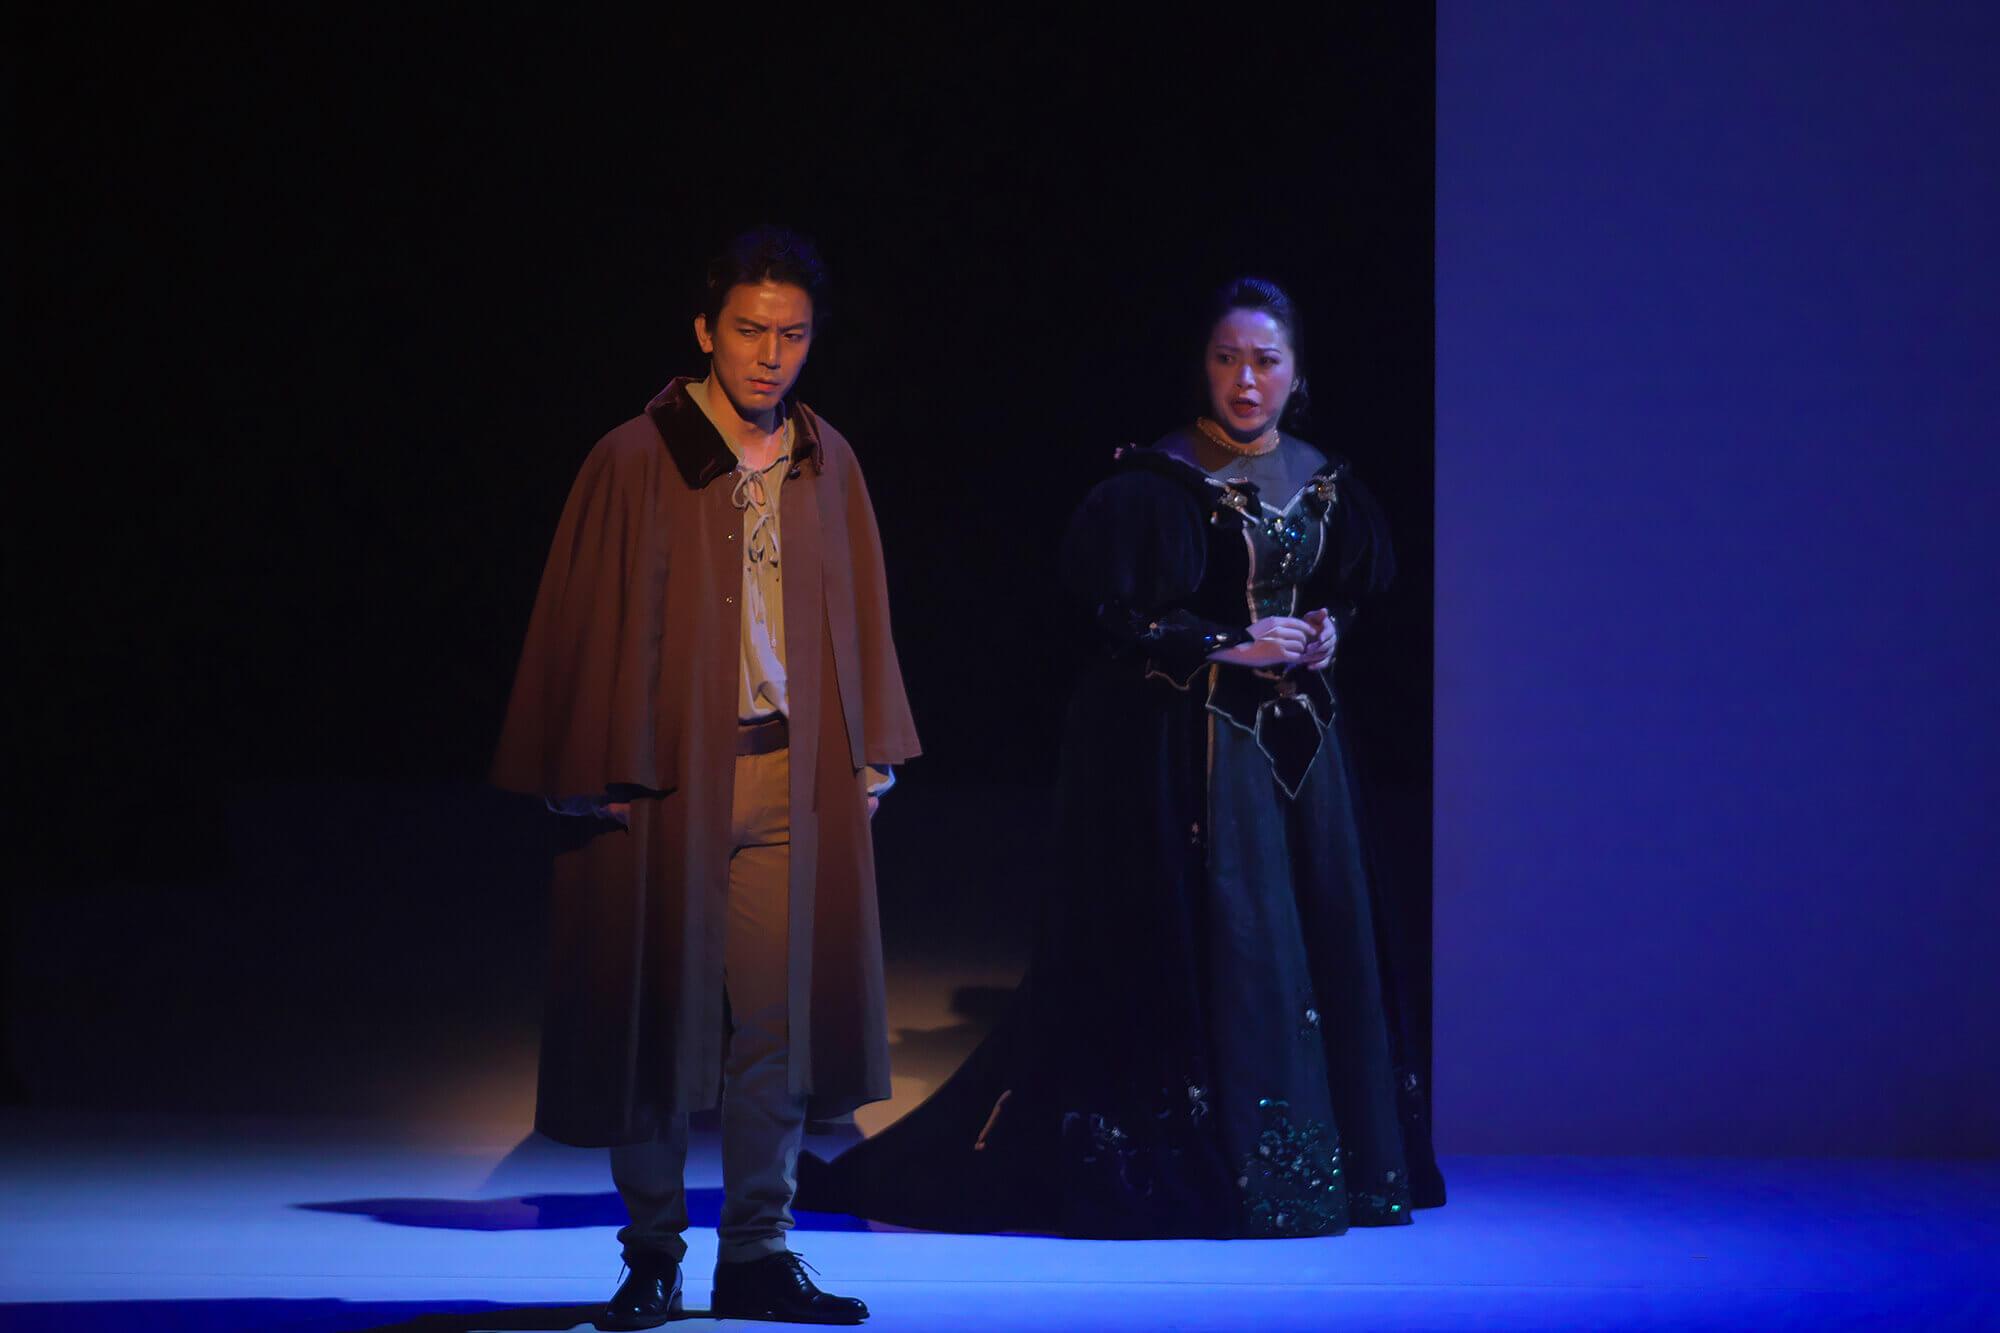 オペラカンパニー・アーリドラーテ Macbeth / 2019(マクベス)